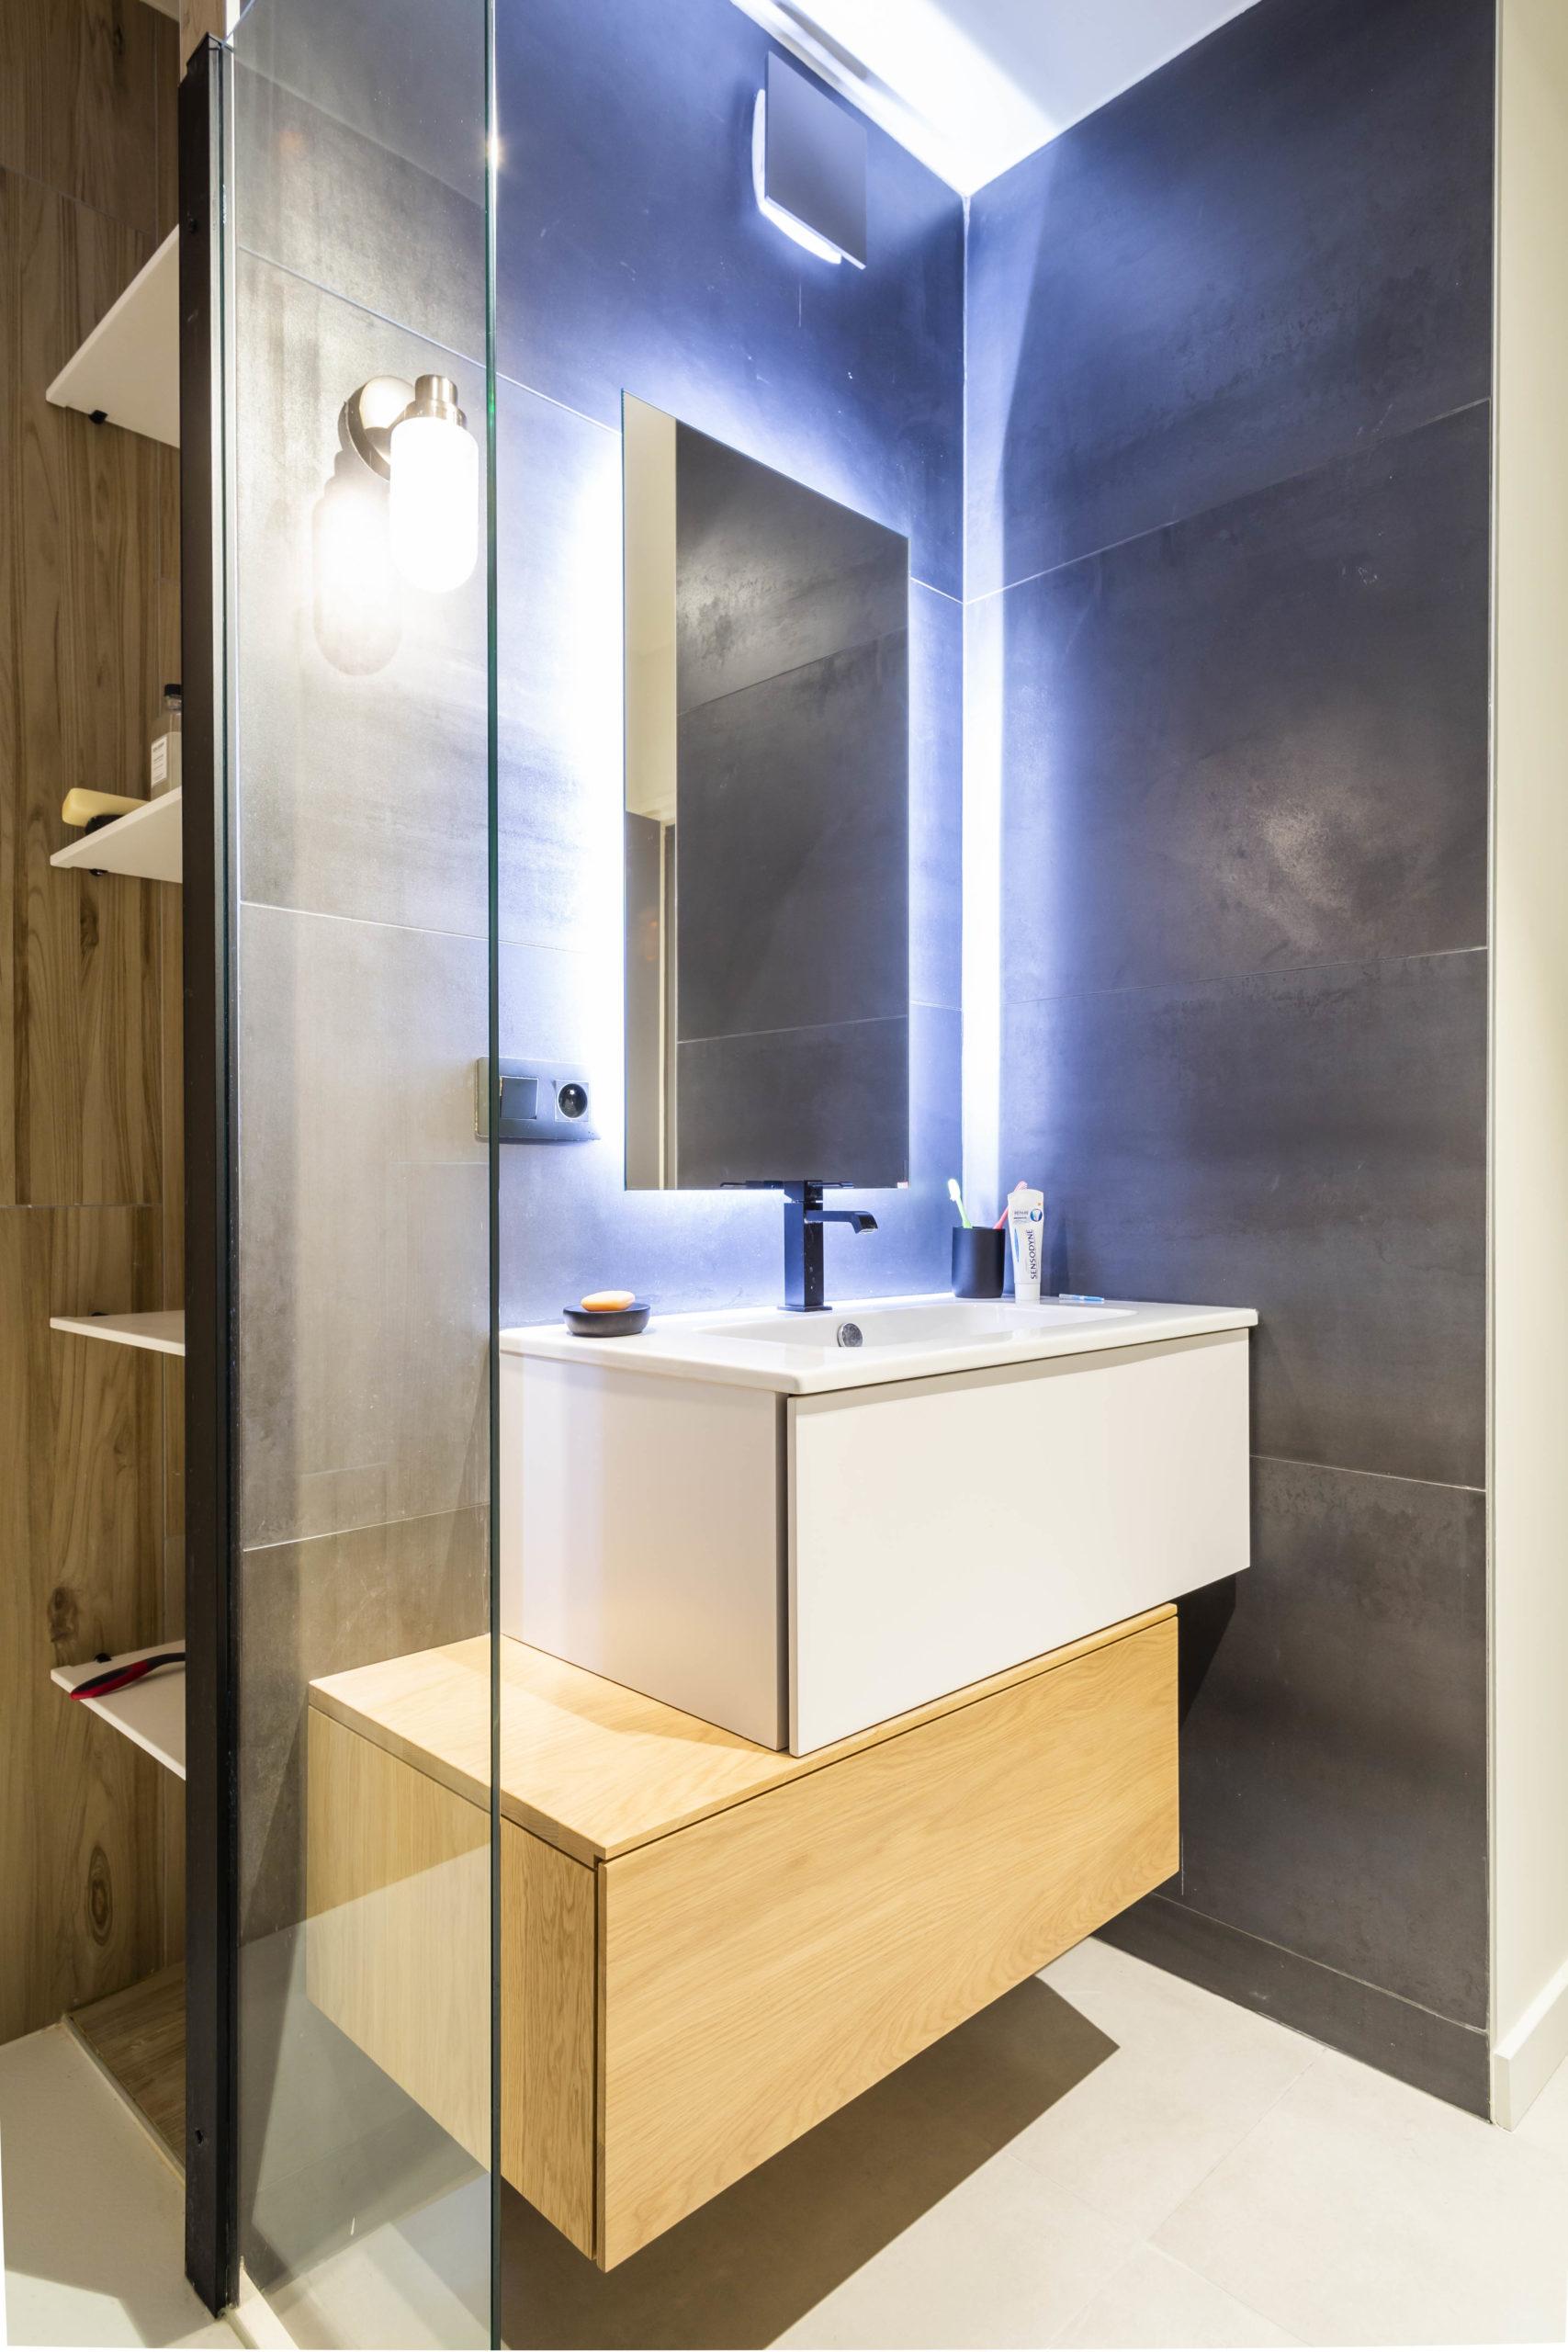 Atelier Plurielles Architectures Réaménagement appartement Anglet - lavabo